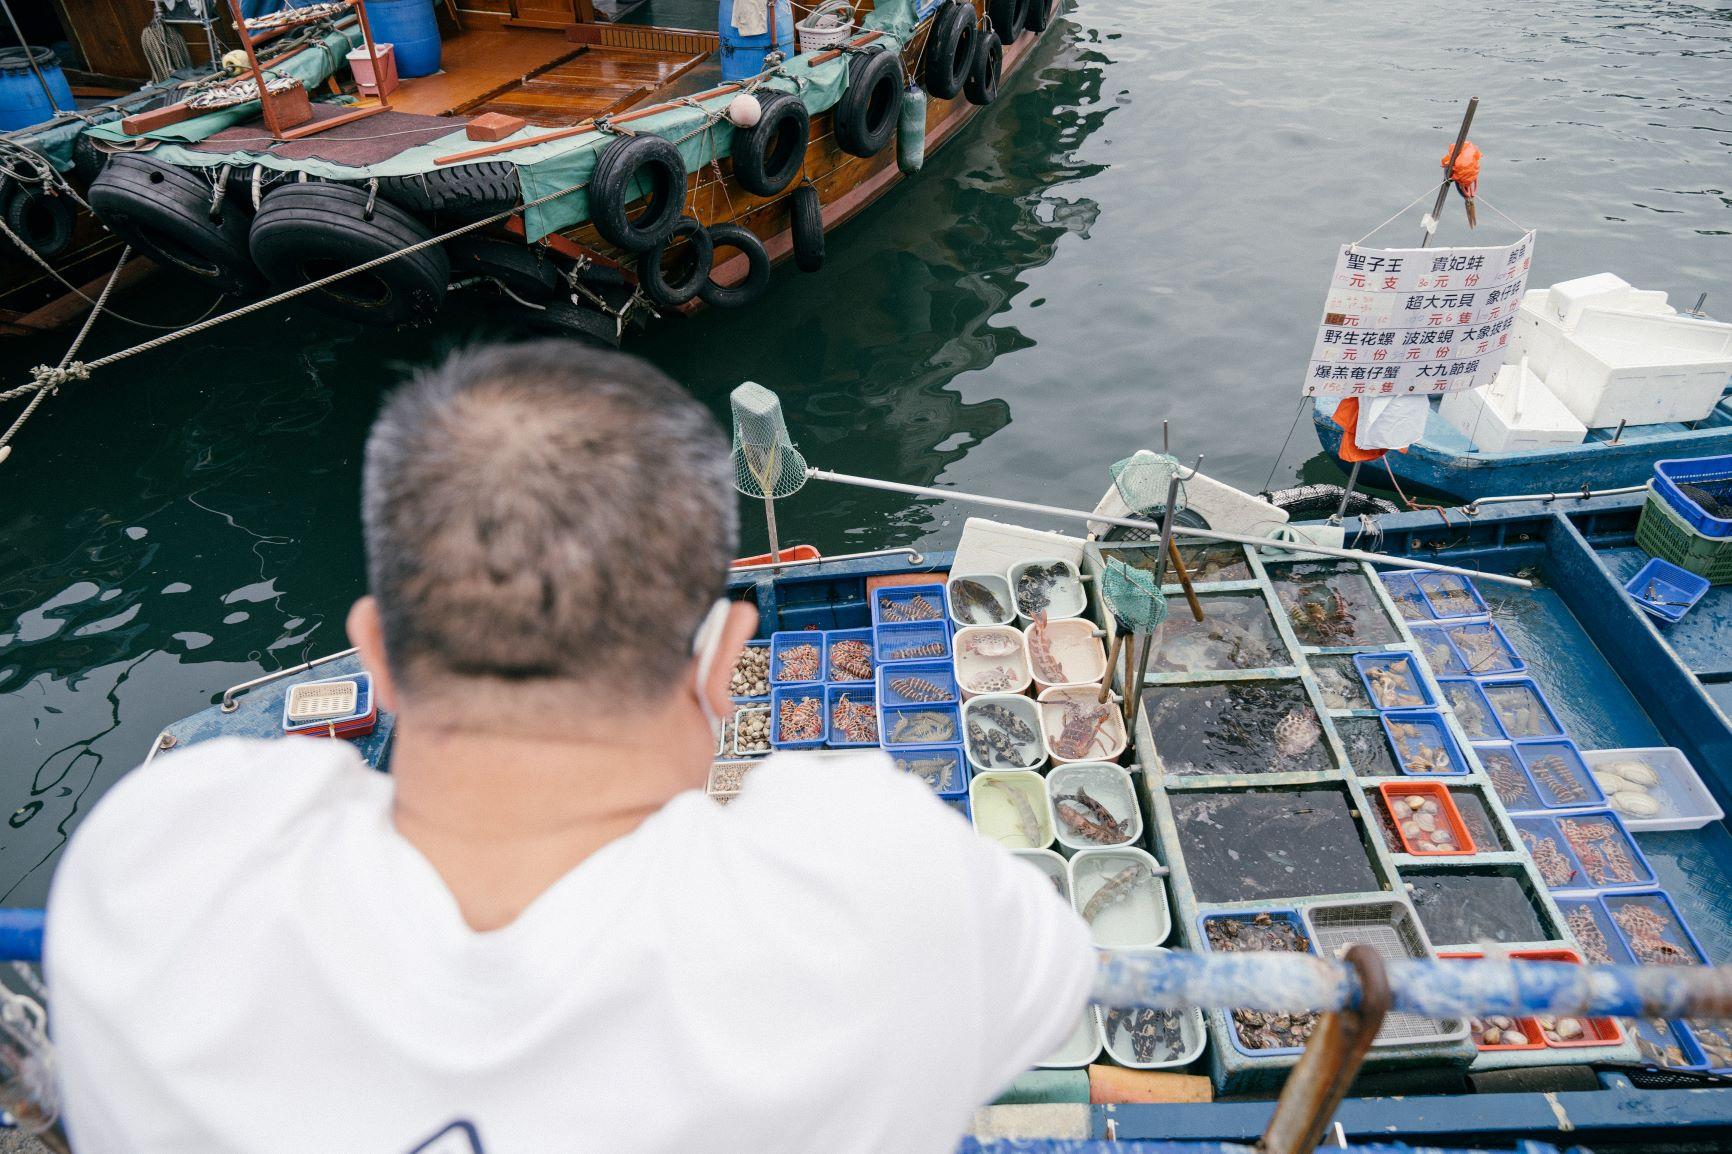 香港人對自己的海洋認識是否止乎吃與海鮮?會否願意為海洋與氣候關注行動更多?© Patrick Cho / Greenpeace